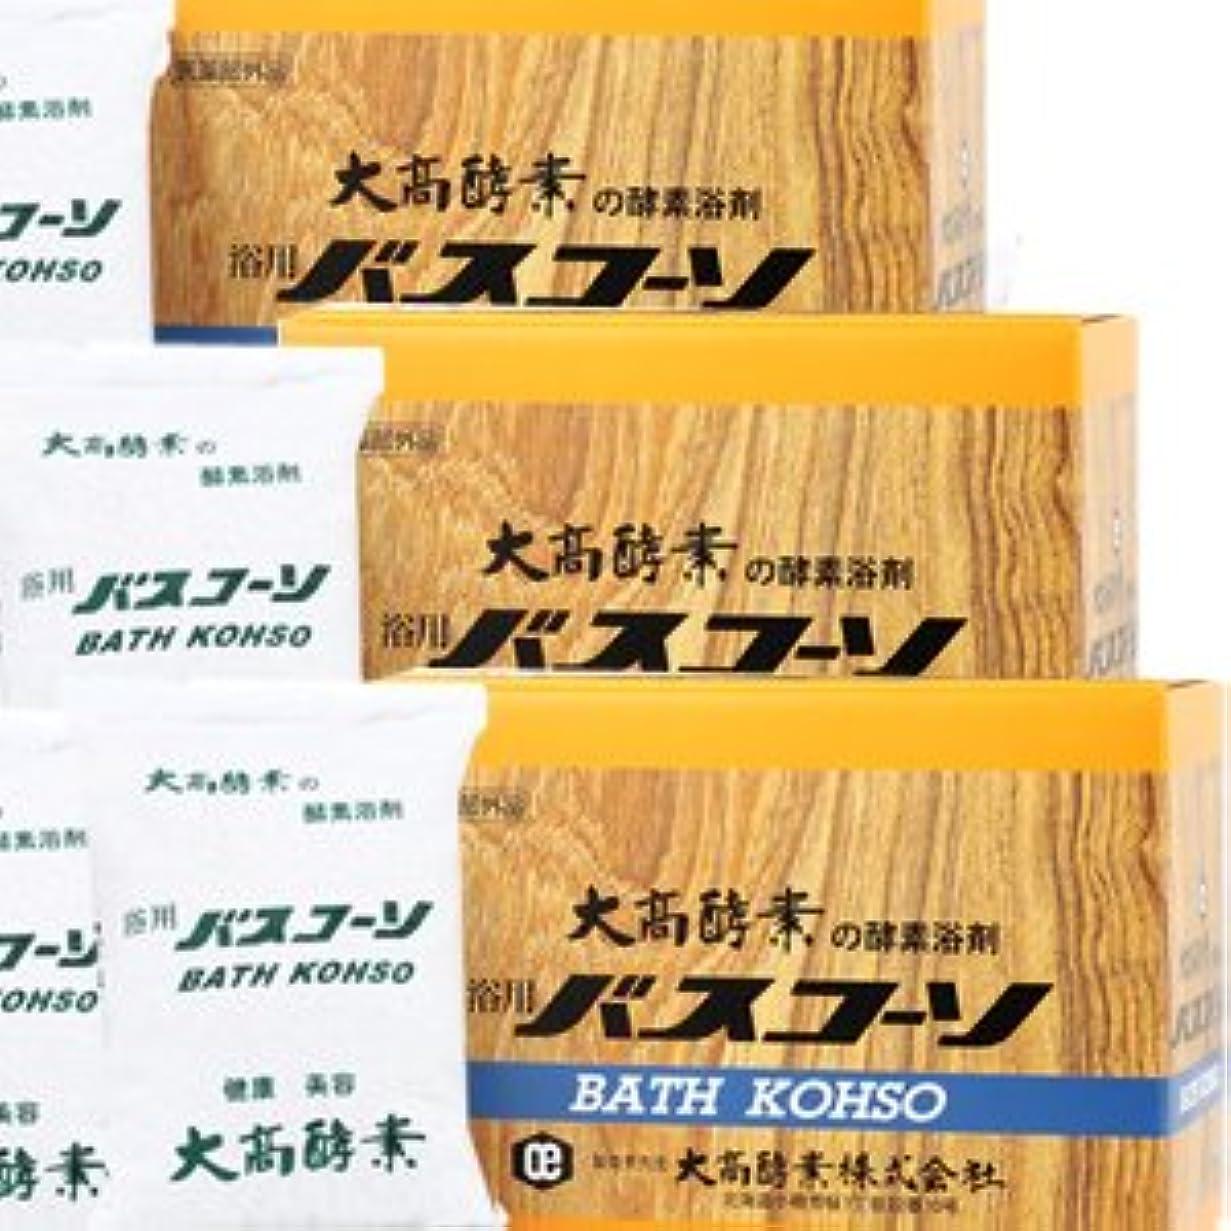 ファウルファーム拘束する【3個】 大高酵素 バスコーソ酵素入浴剤(100g×6袋)x3個 4971578001095